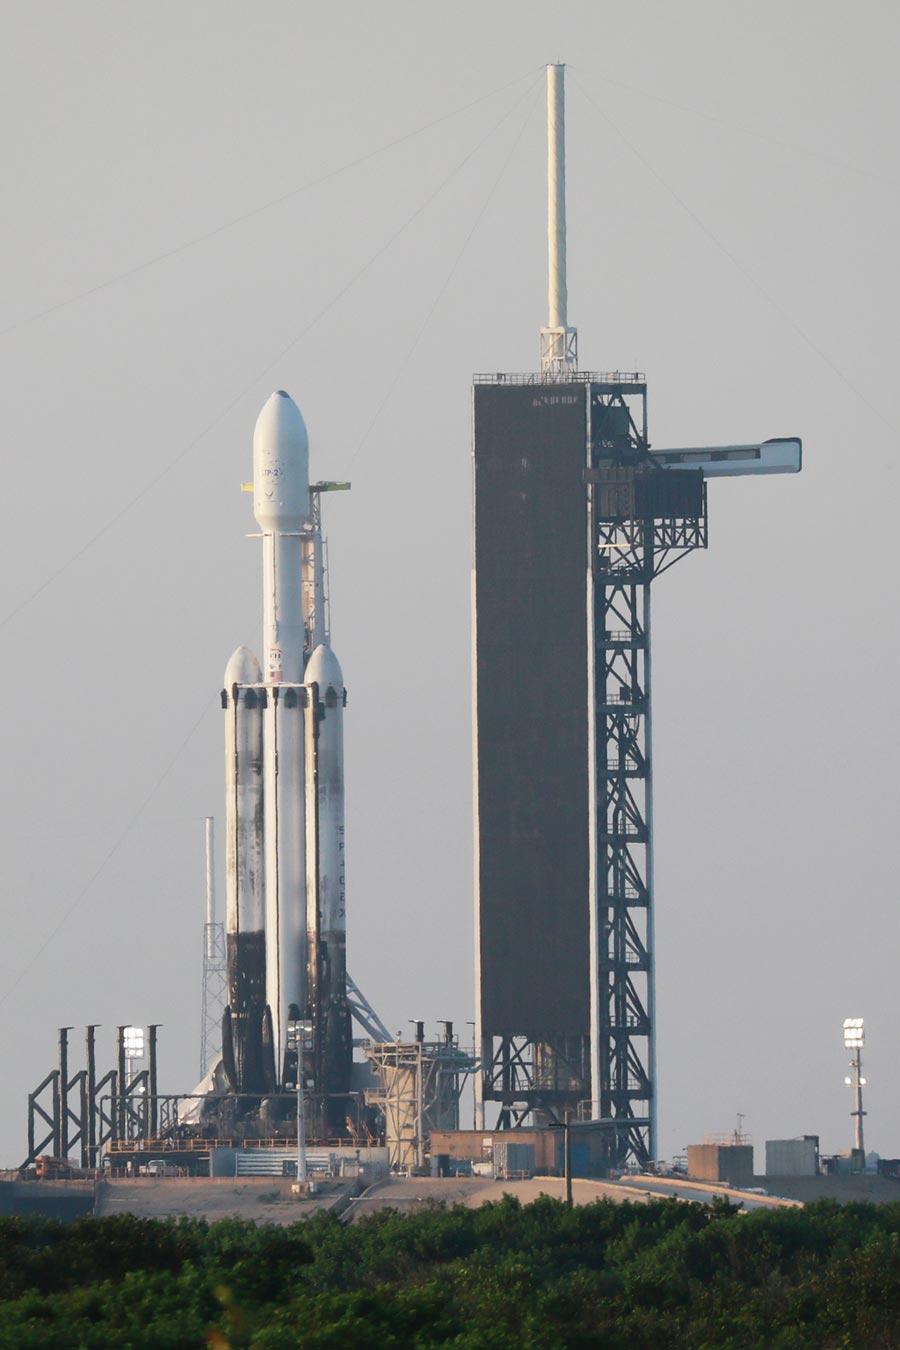 獵鷹重型火箭順利將福衛七號送上太空。  圖/國研院提供